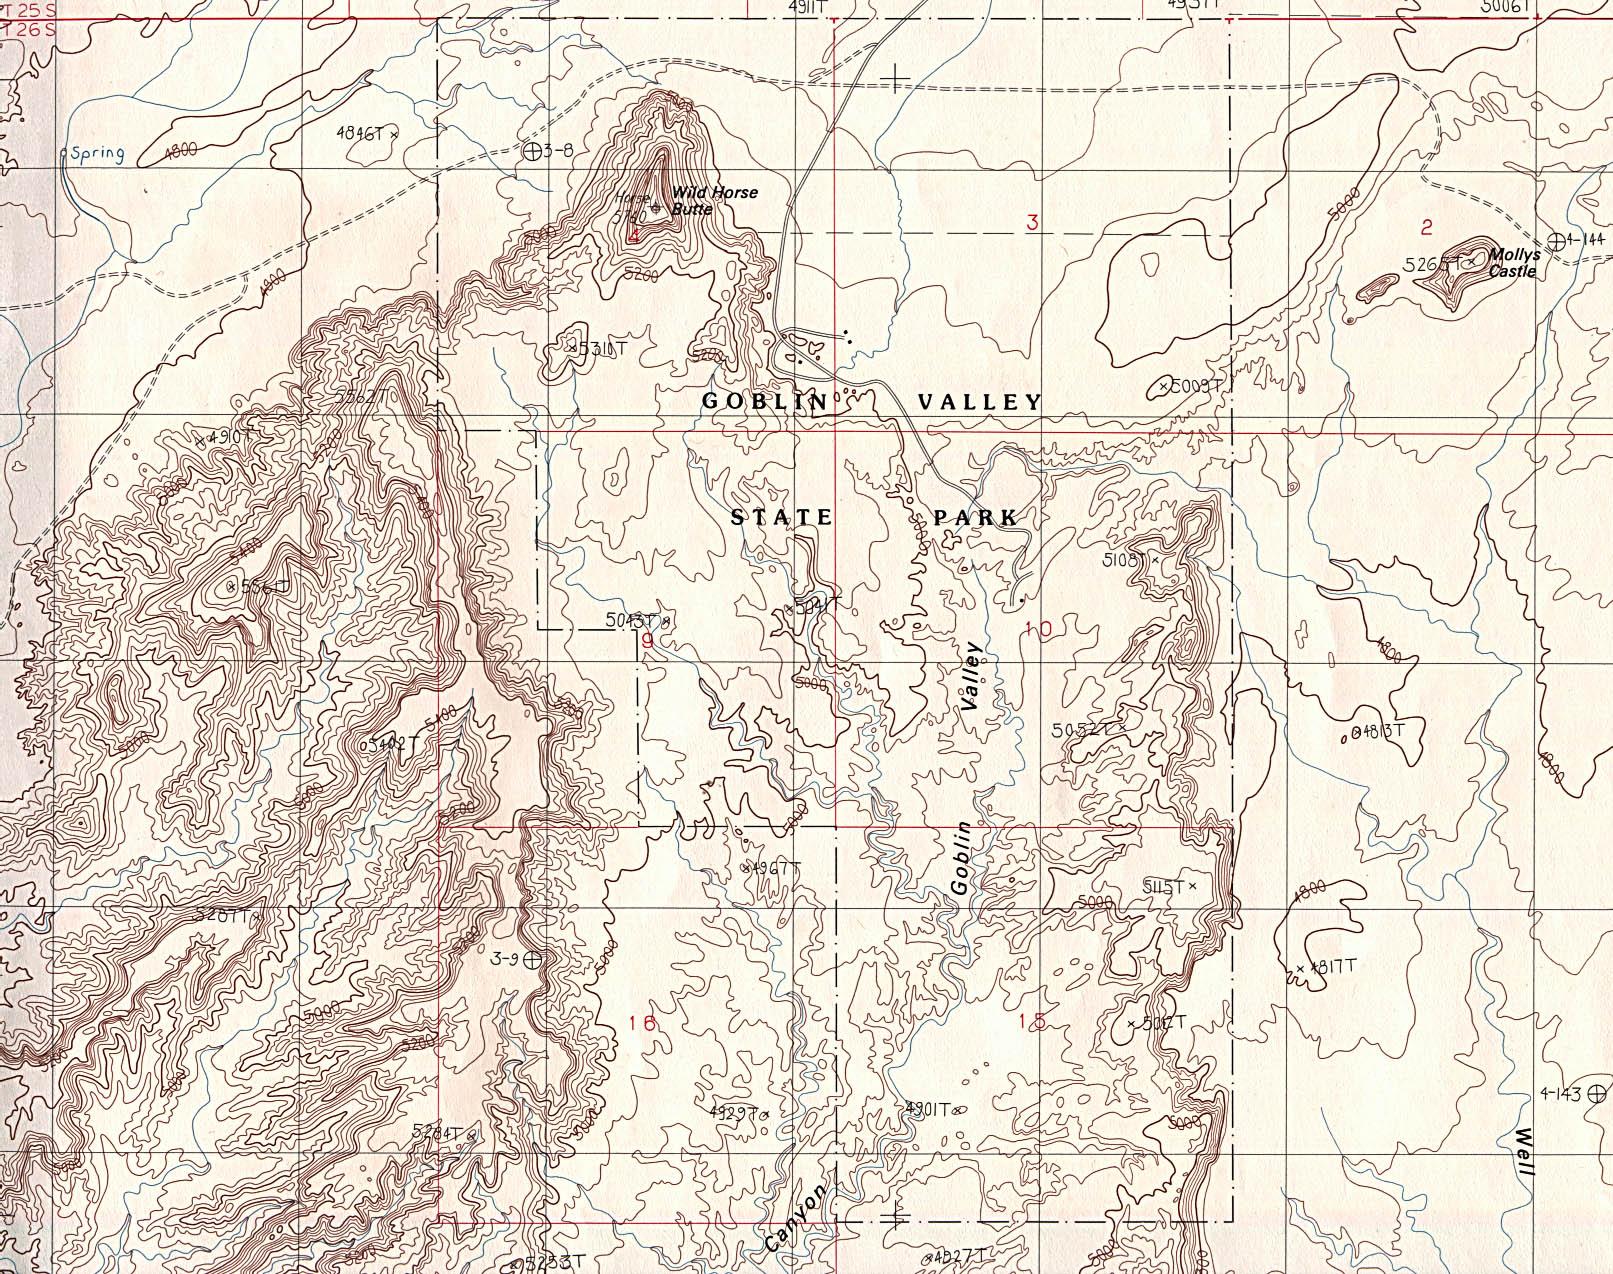 Mapa Topográfico del Parque Estatal Goblin Valle, Utah, Estados Unidos